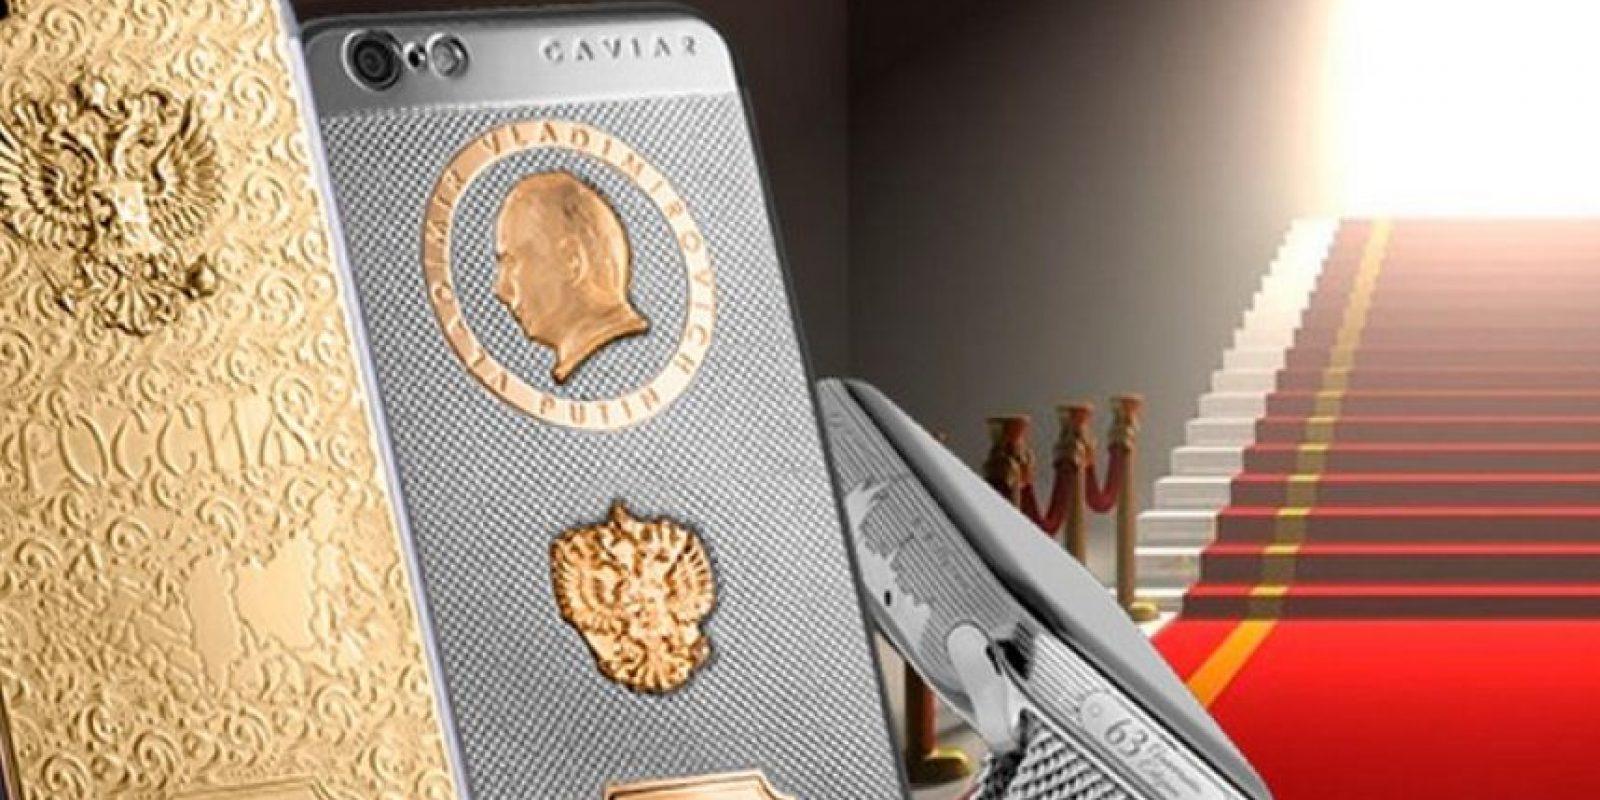 Los celulares están agotados. Foto:vía caviar-phone.ru